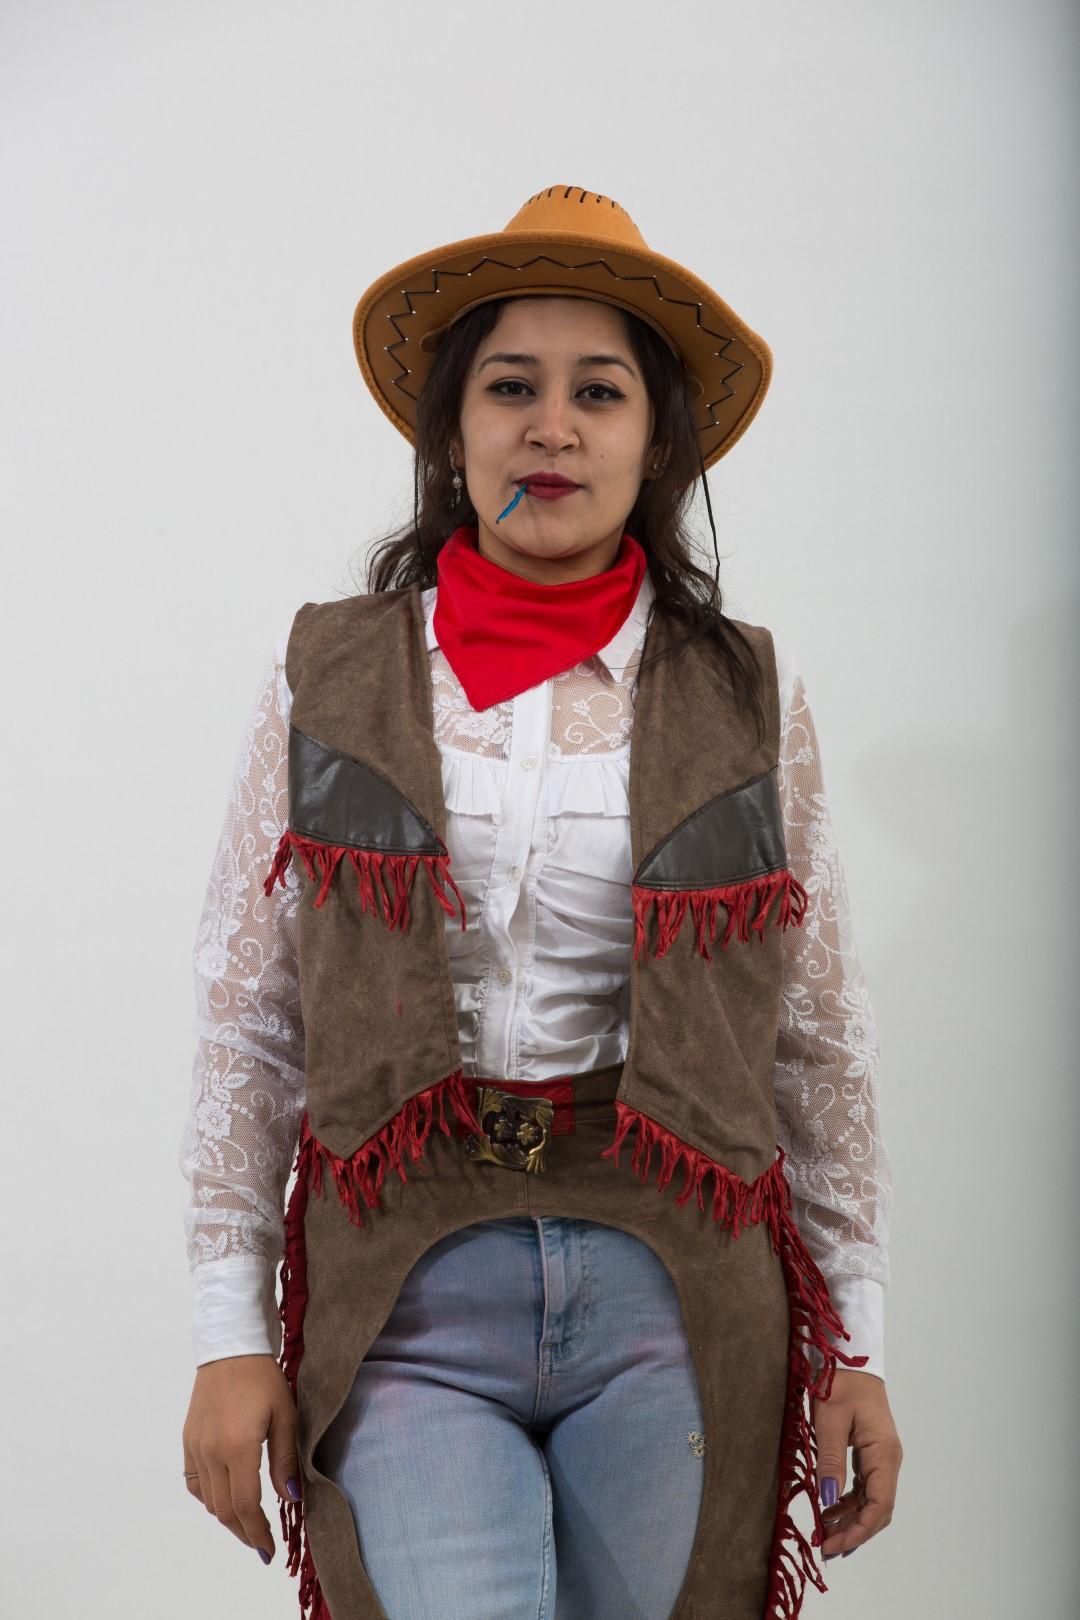 tasarım-kadın-kovboy-kostum